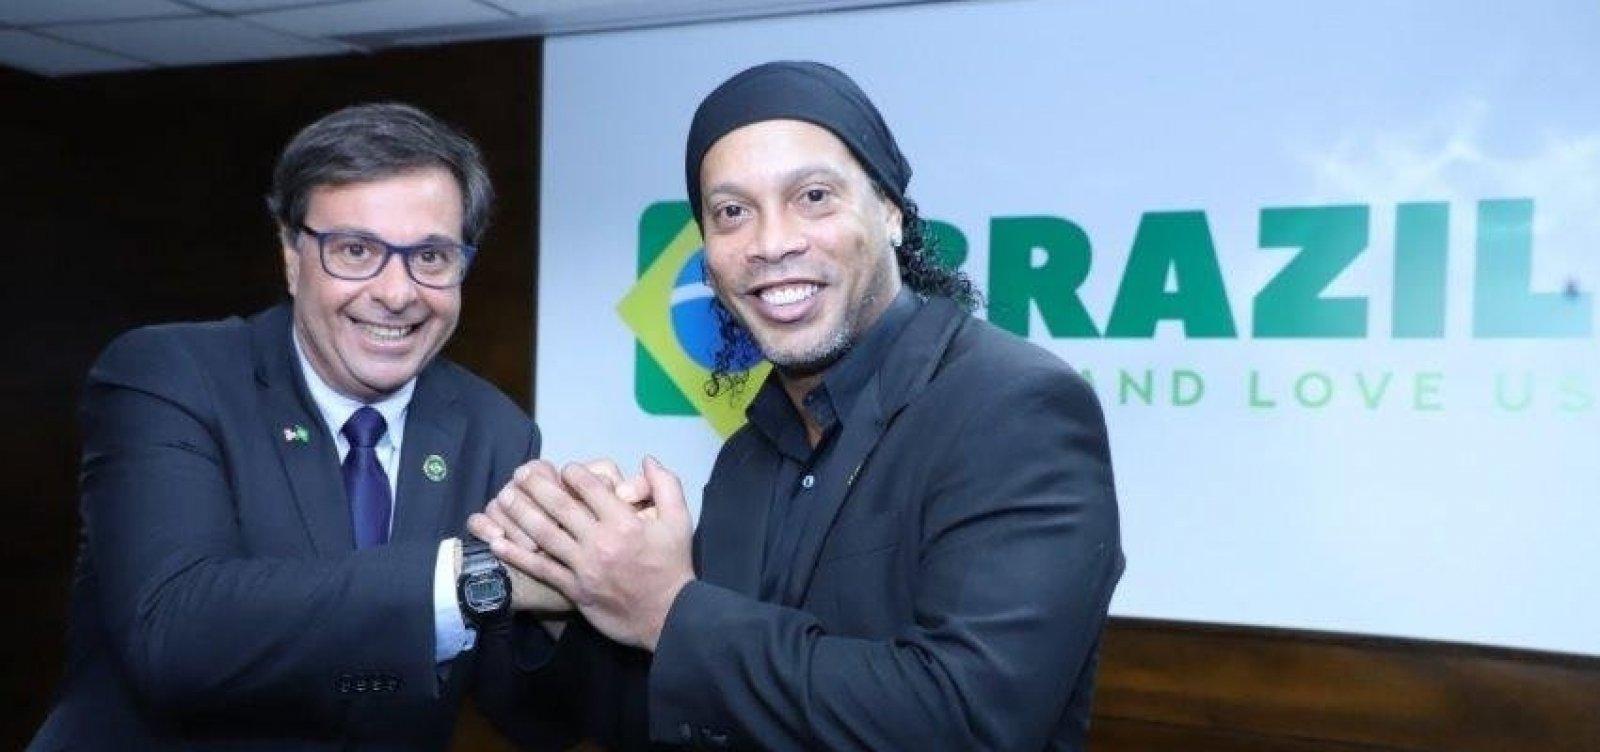 [Com passaporte apreendido, Ronaldinho Gaúcho é nomeado embaixador do turismo]